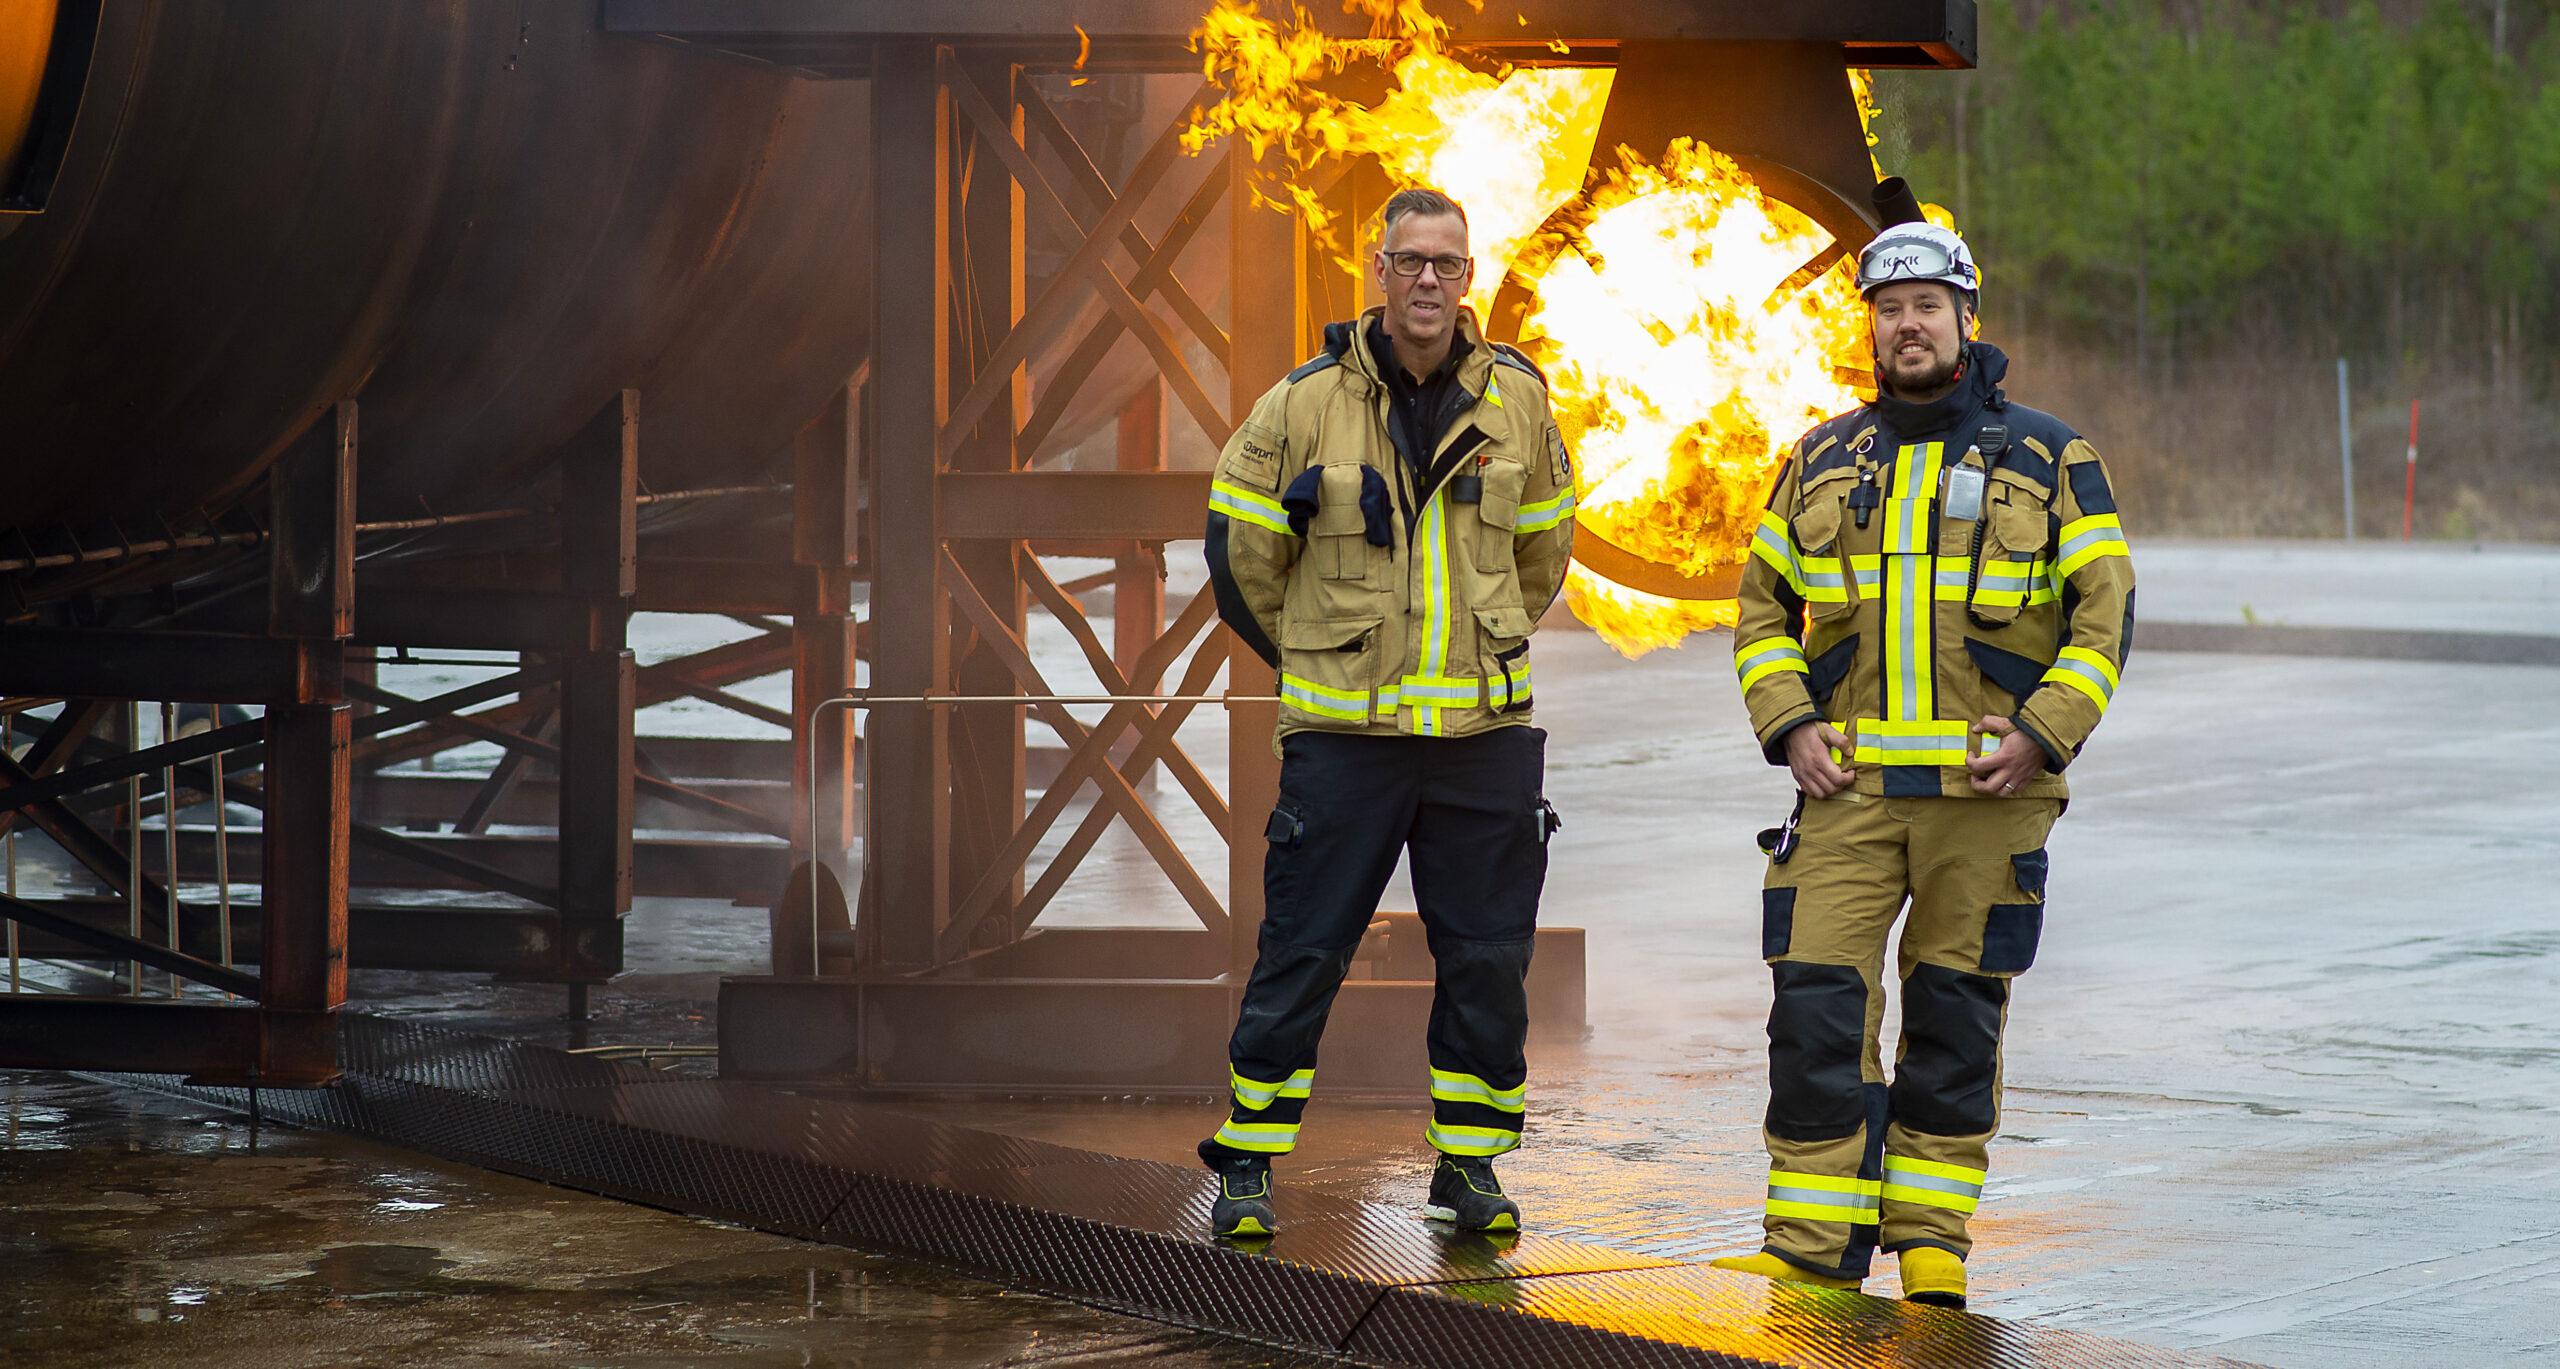 Övning med brand i flygplansmotor vid insatsledarutbildningen vid karlstad airport